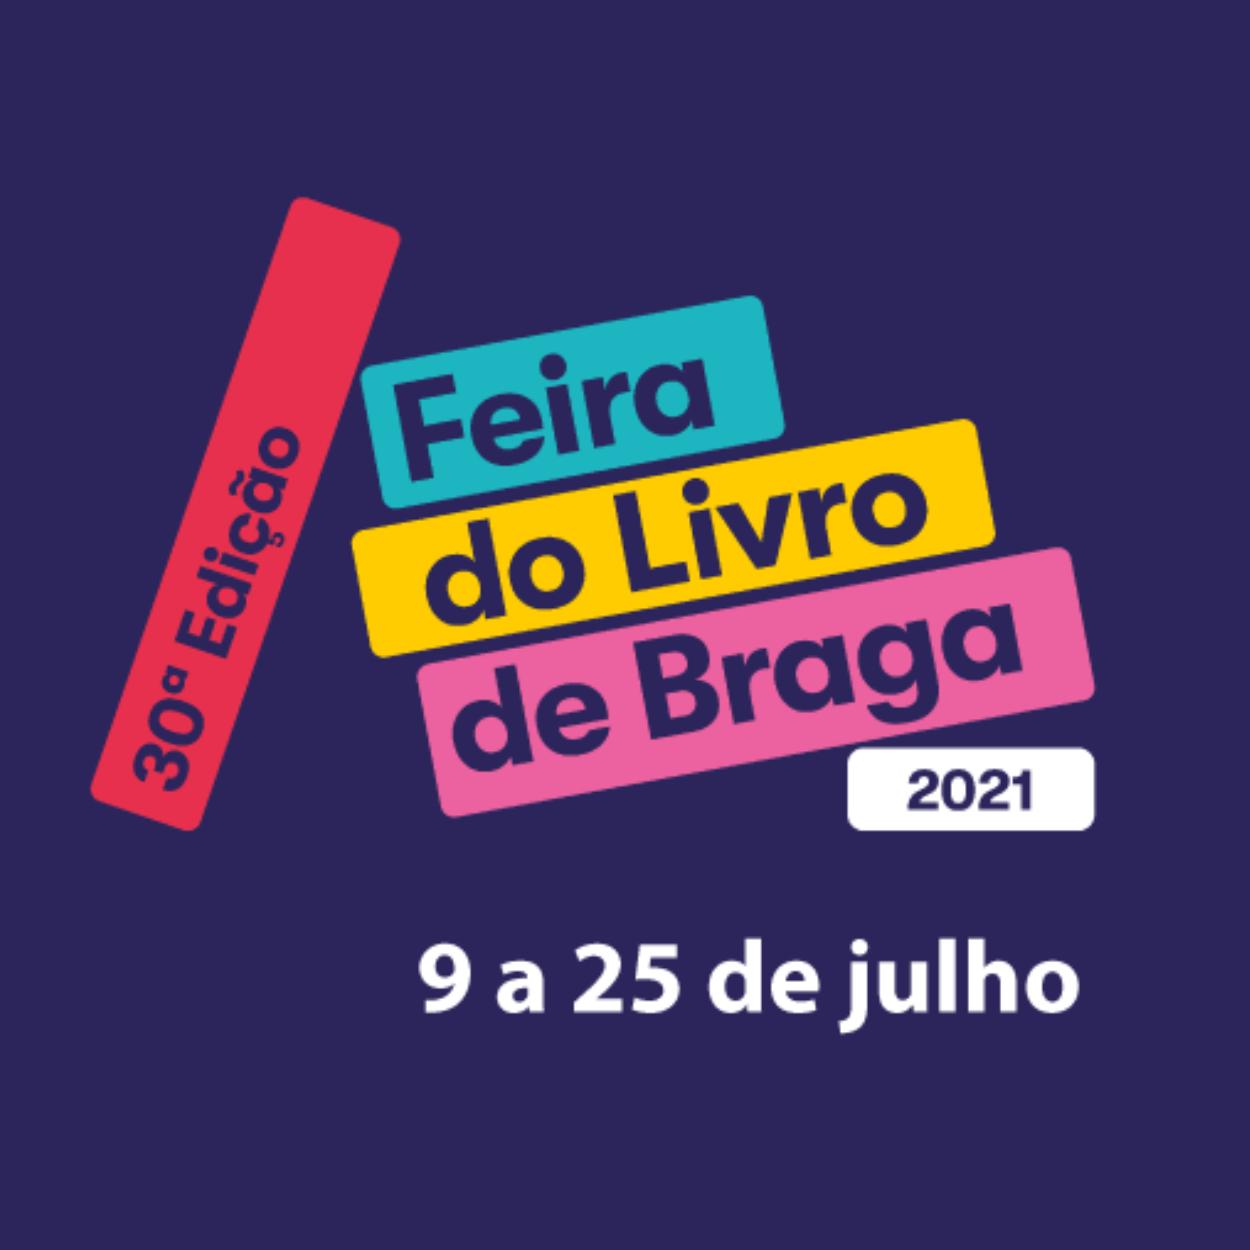 Feira do Livro de Braga 2021